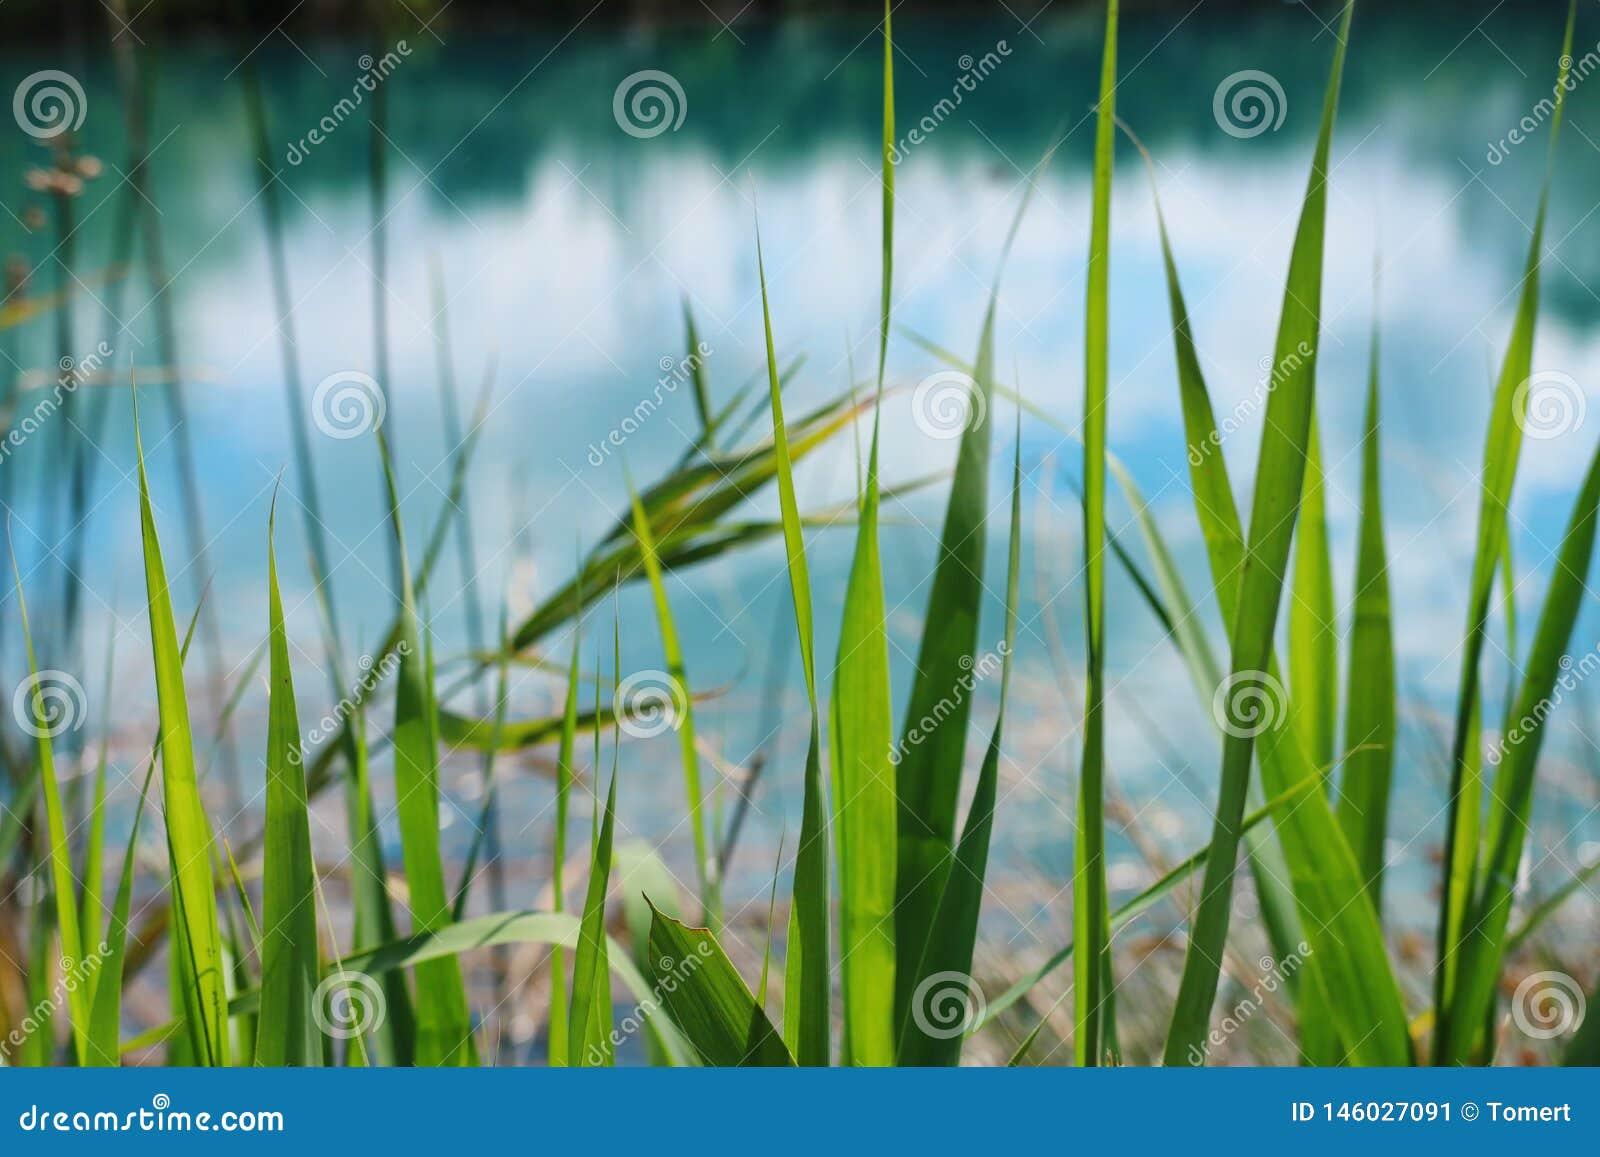 Opini?n de ?ngulo bajo la hierba fresca concepto de la libertad y de la renovaci?n